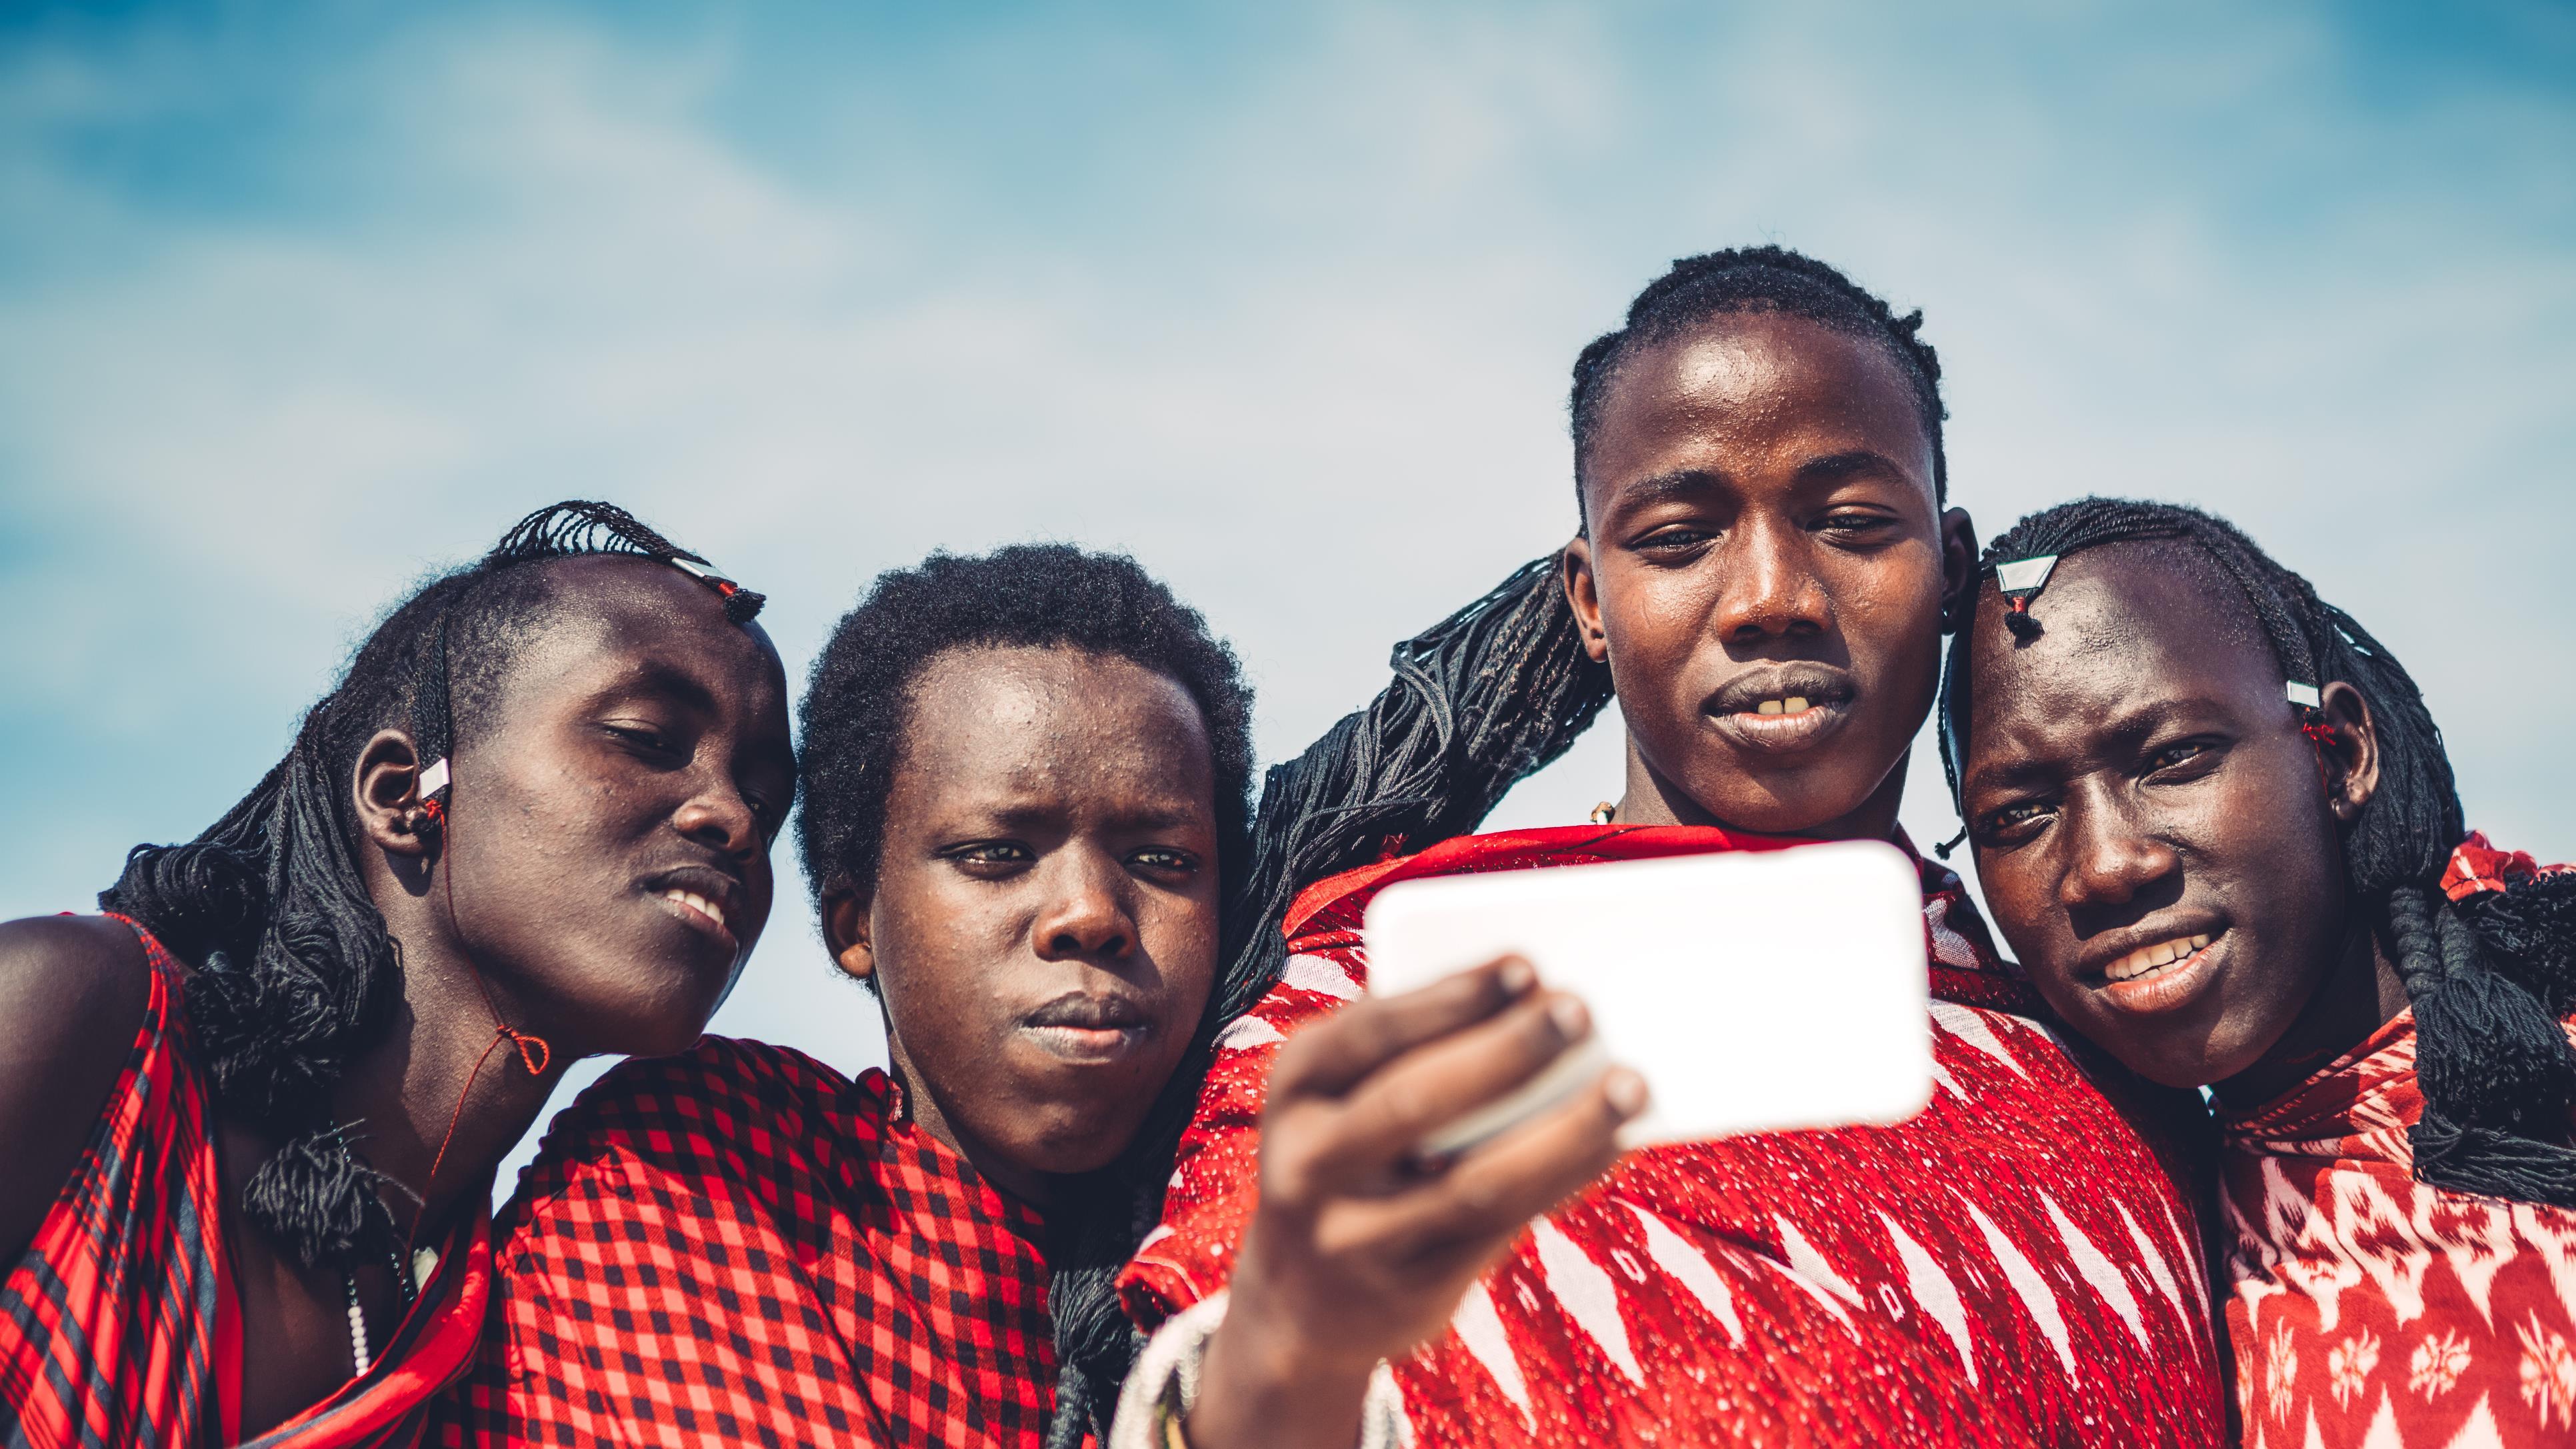 Des jeunes Masai prenant un autoportrait